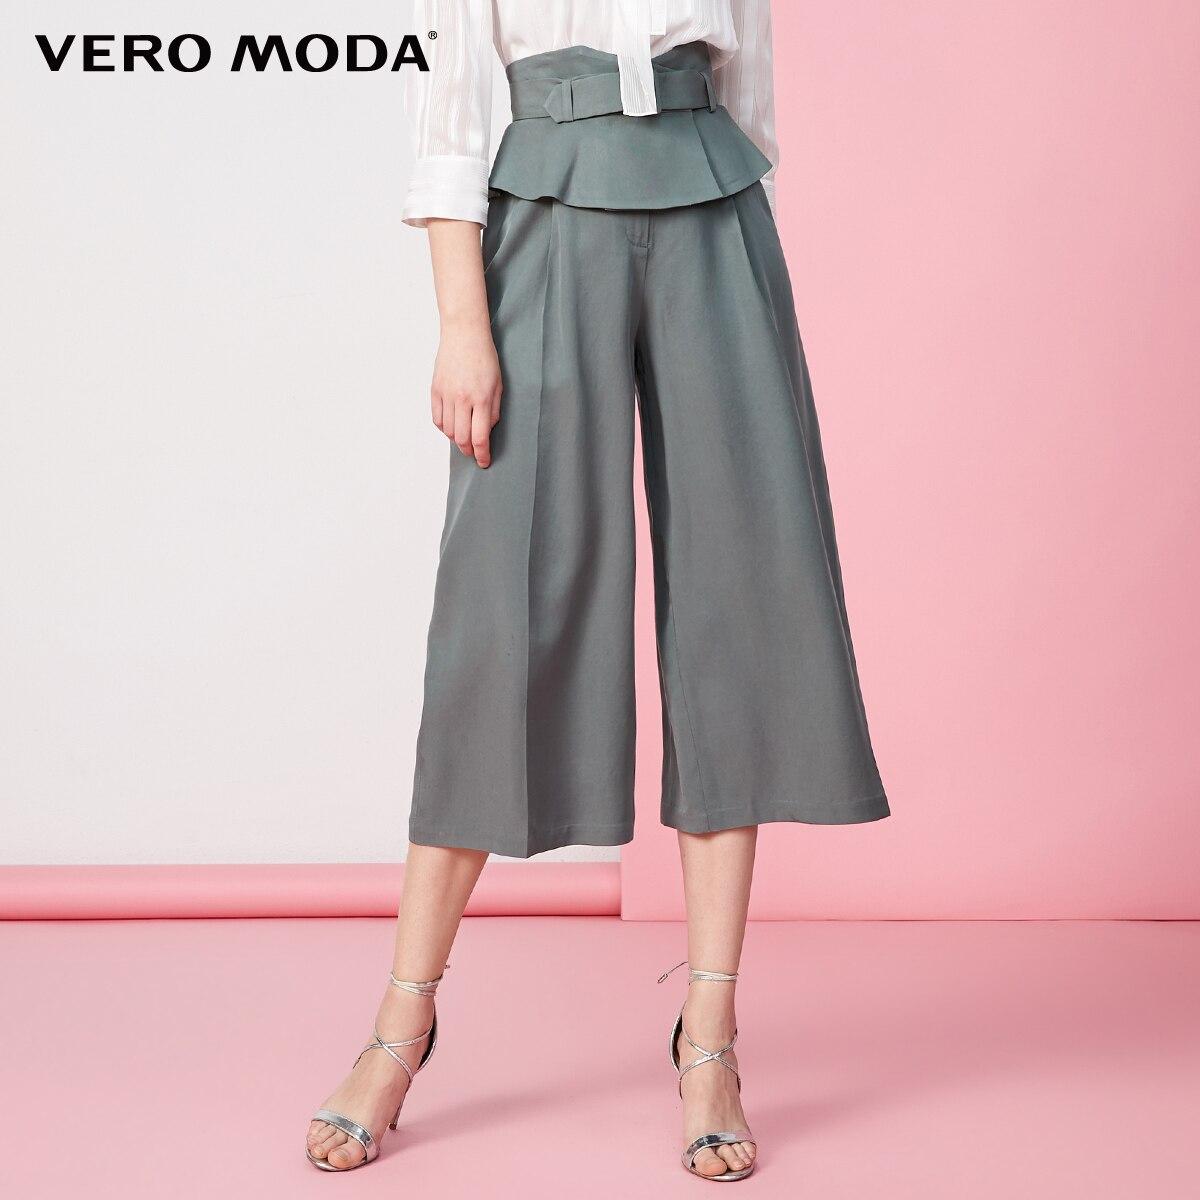 Vero Moda Women's Office High Waist Wide Waistband Decoration Capri Pants | 31936J506